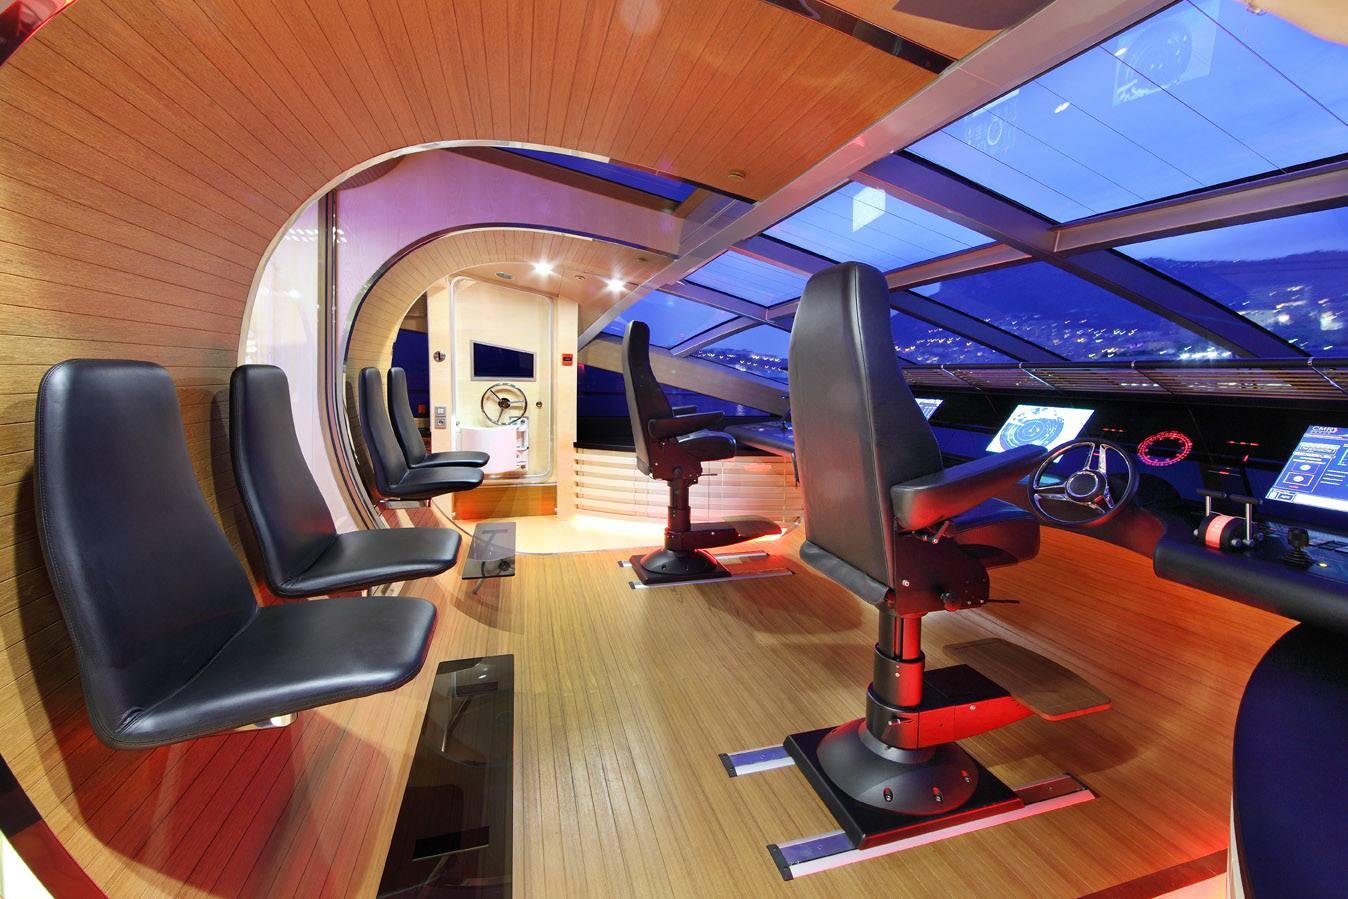 Alquiler de yates de lujo Danish Yachts.Alquiler de barcos de lujo Danish Yachts . Alquiler de barcos baratos en Ibiza